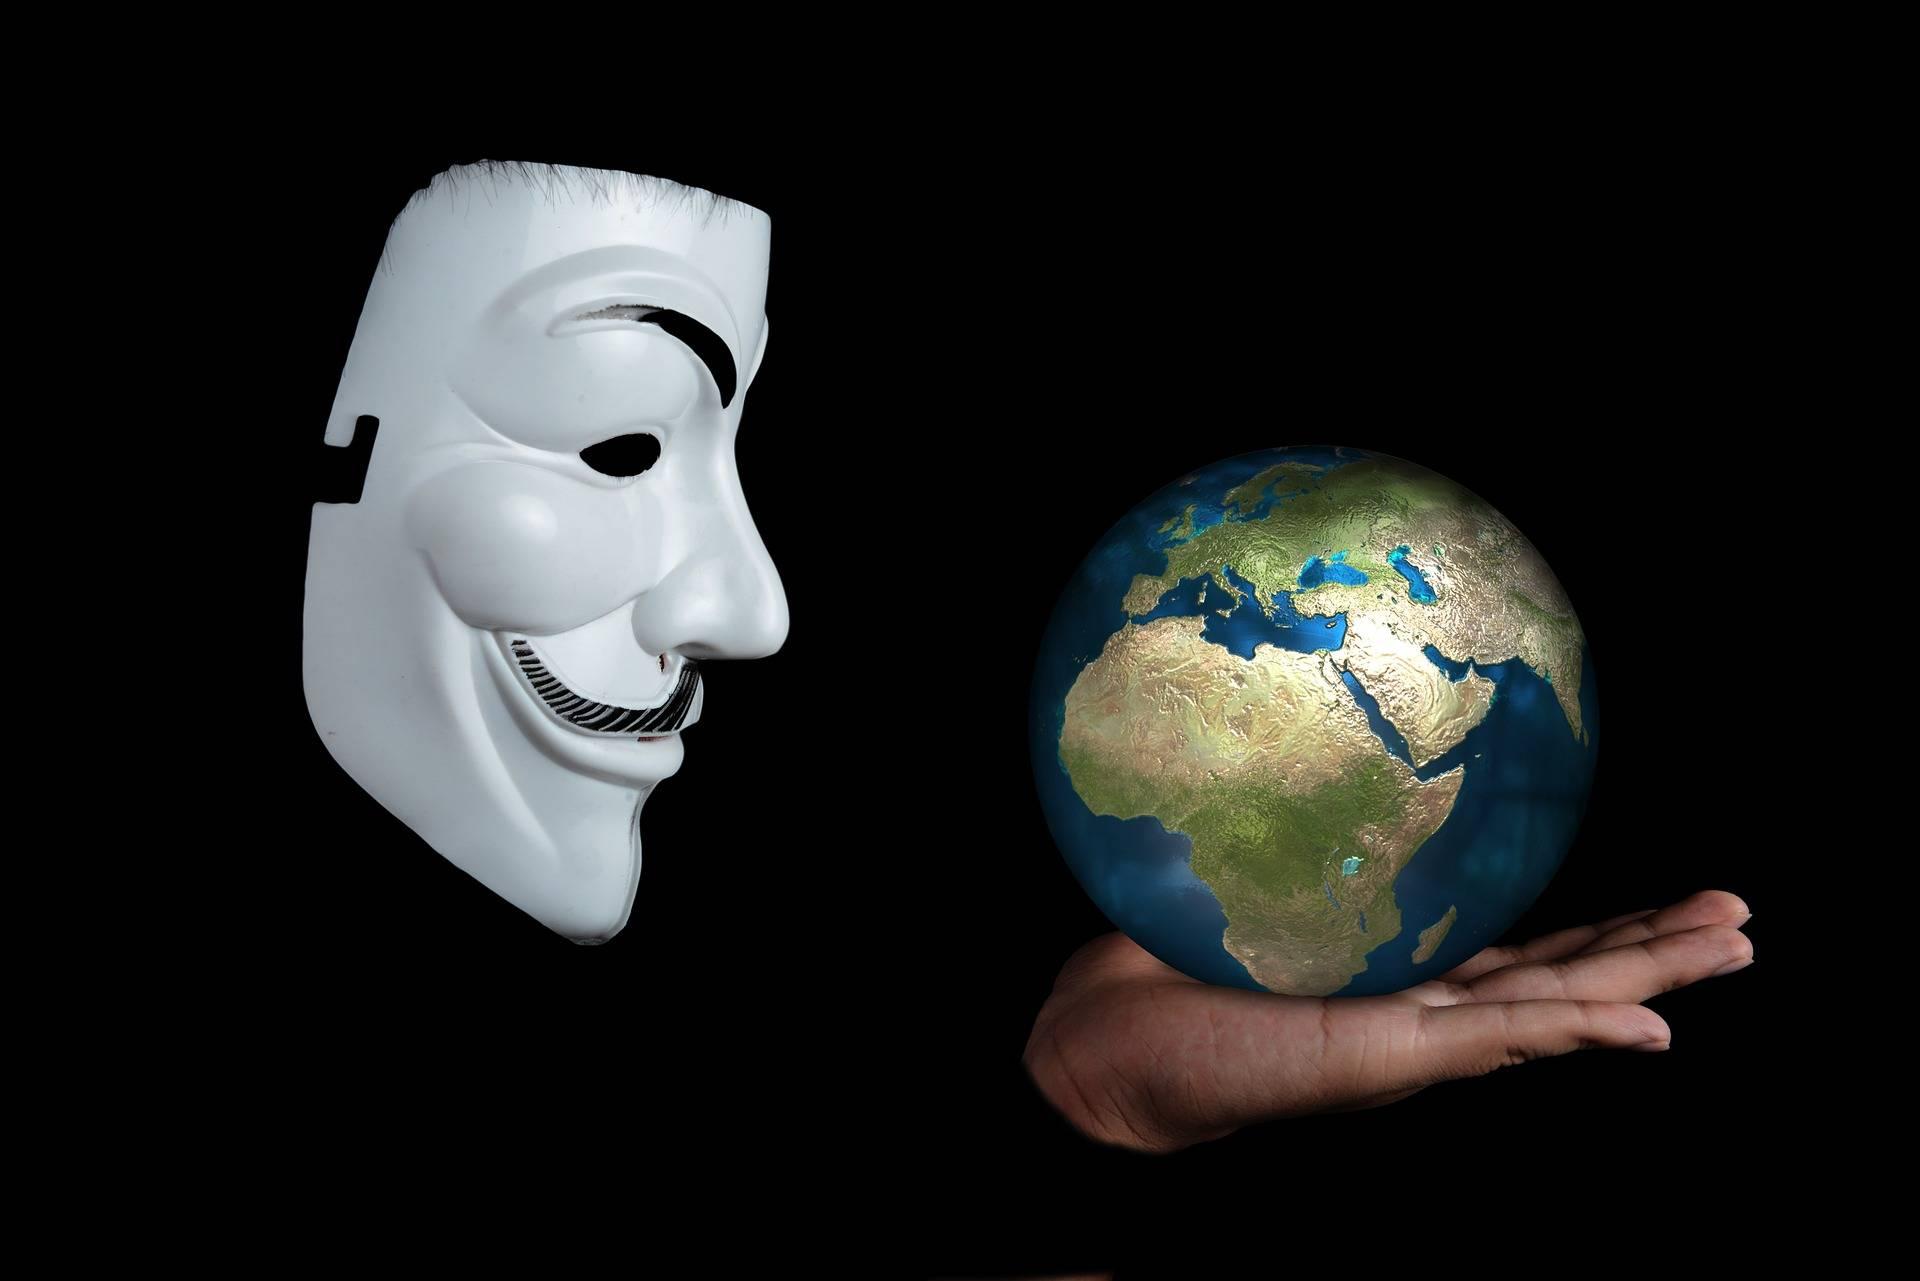 Tails - Das Live-Betriebssystem für Privatsphäre und Anonymität